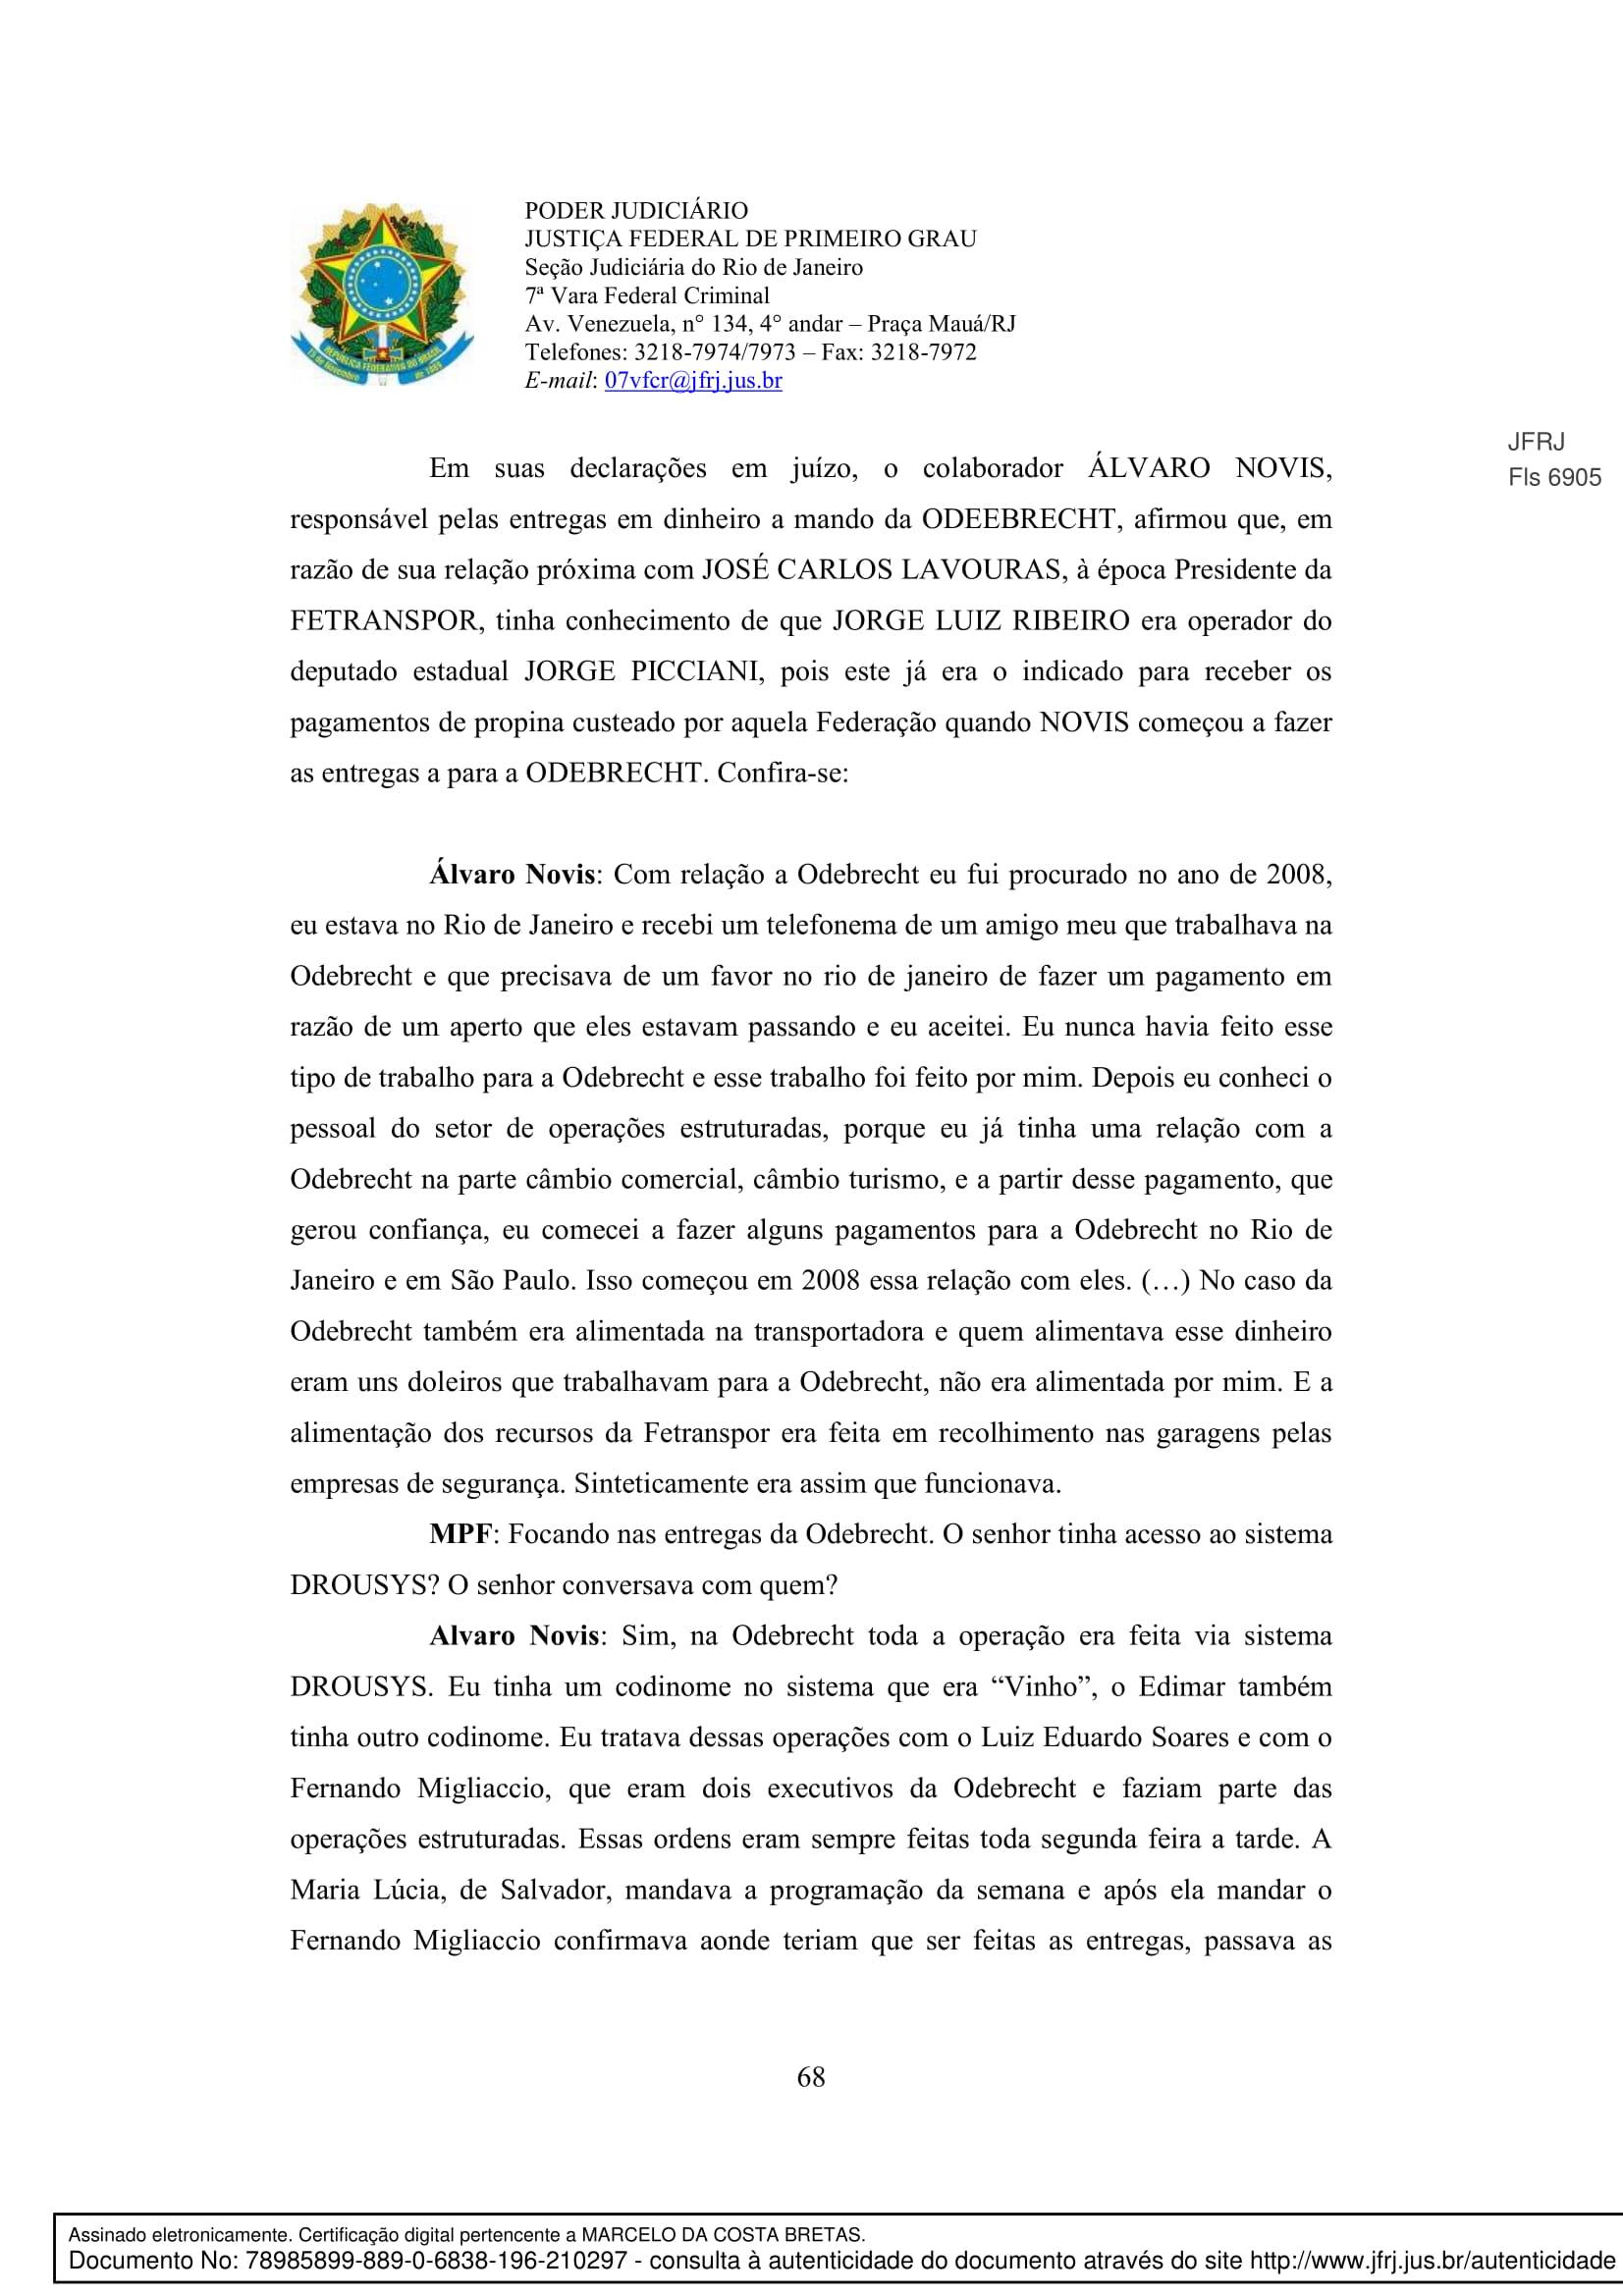 Sentenca-Cadeia-Velha-7VFC-068